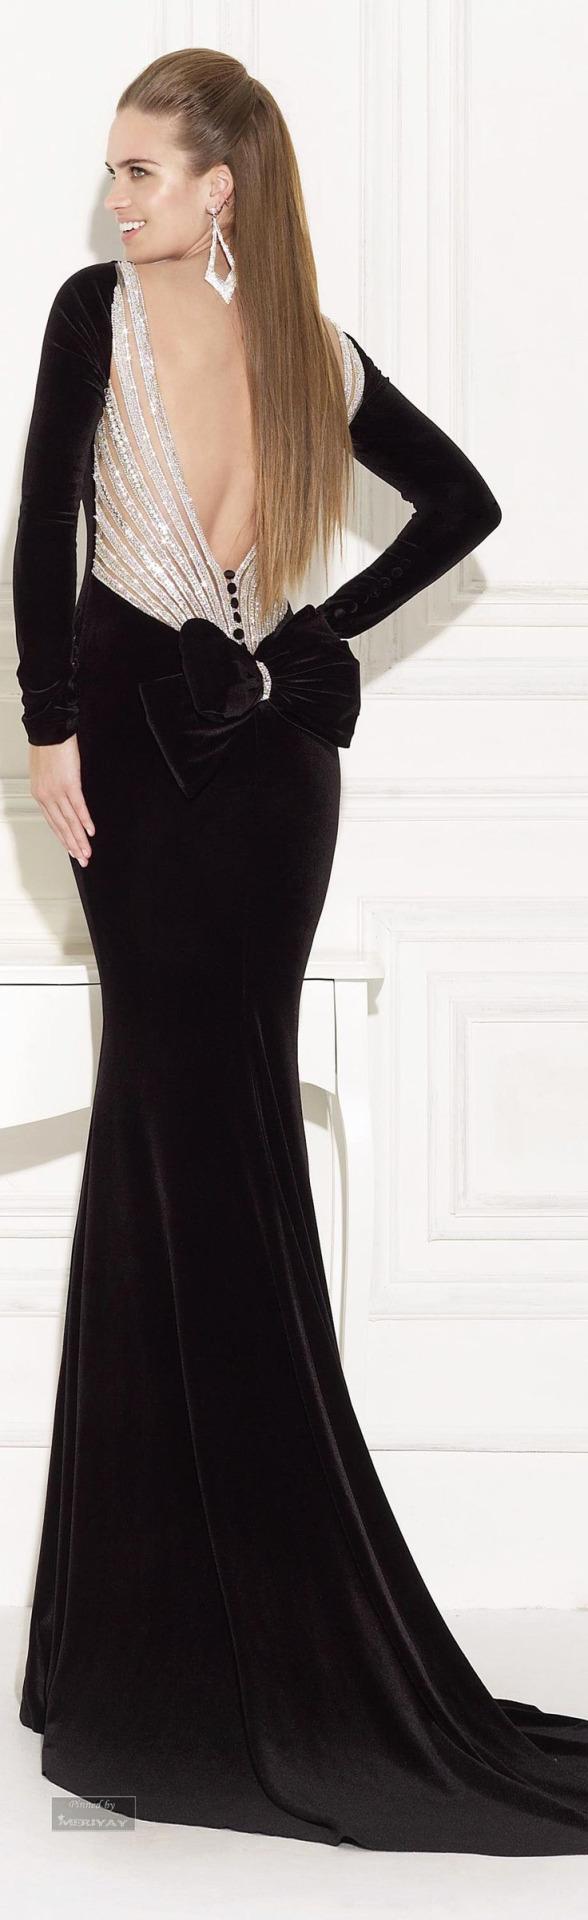 Tarık ediz tarık ediz pinterest black gold gowns and glamour